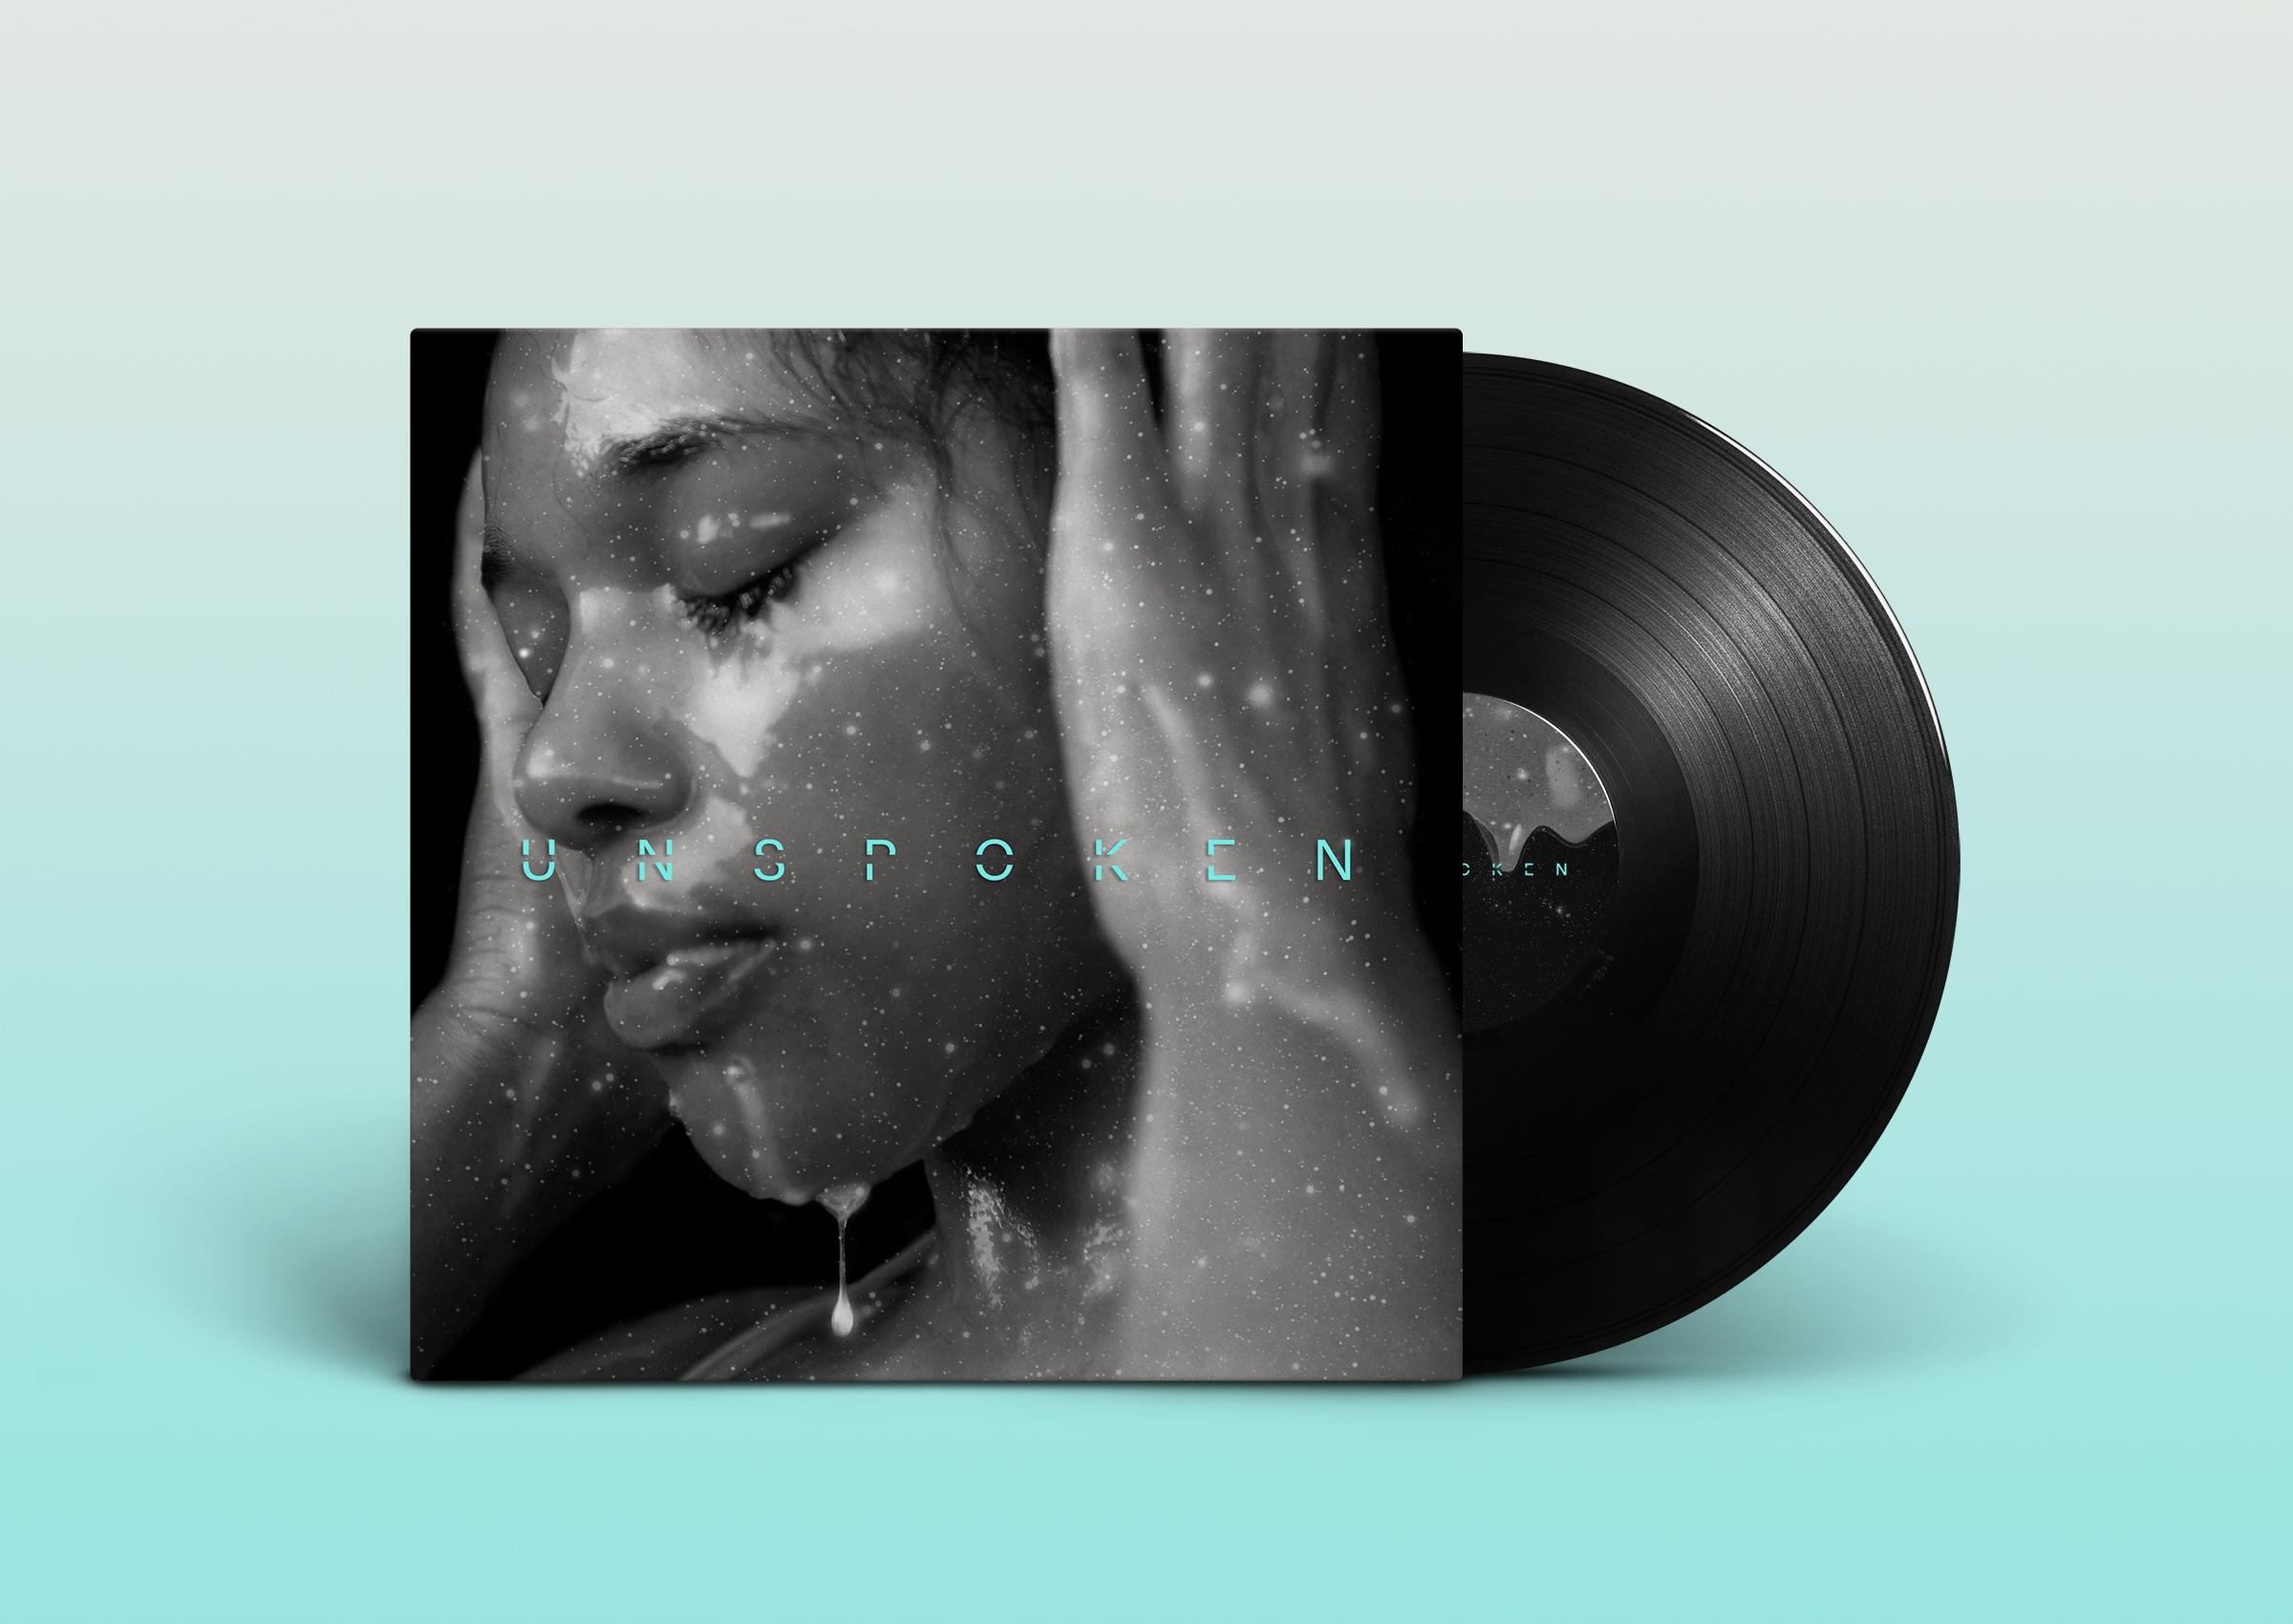 Vinyl-Record-PSD-MockUp-re.jpg